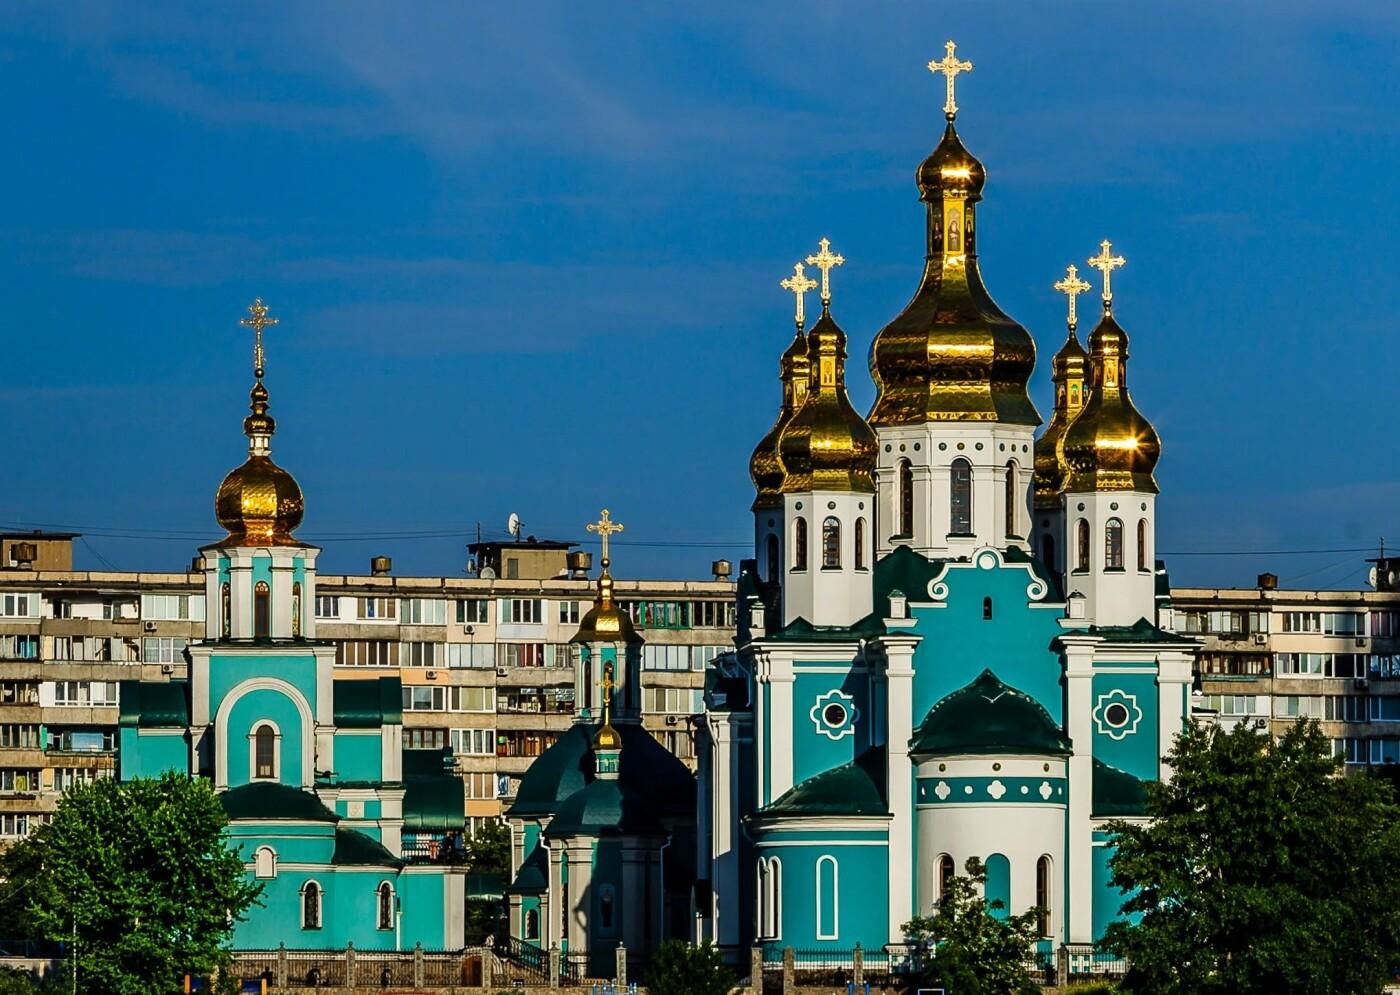 Березняки в Киеве: когда появился и как строился жилой массив, - ФОТО, ВИДЕО, Фото: Sergey UA